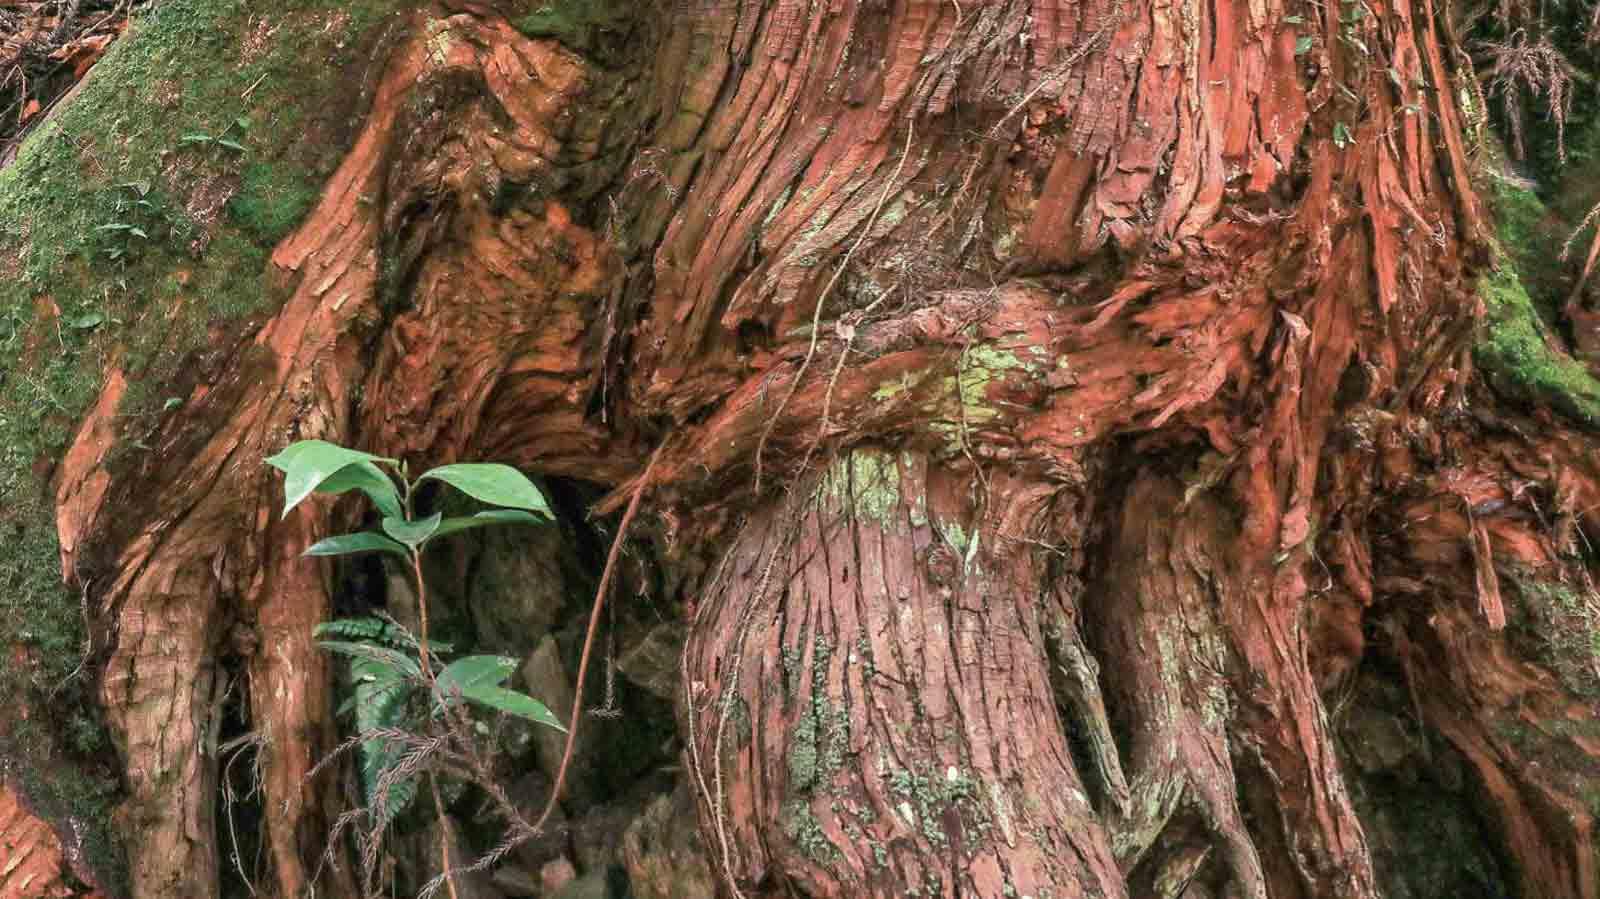 赤松の老木に育まれる新しい命